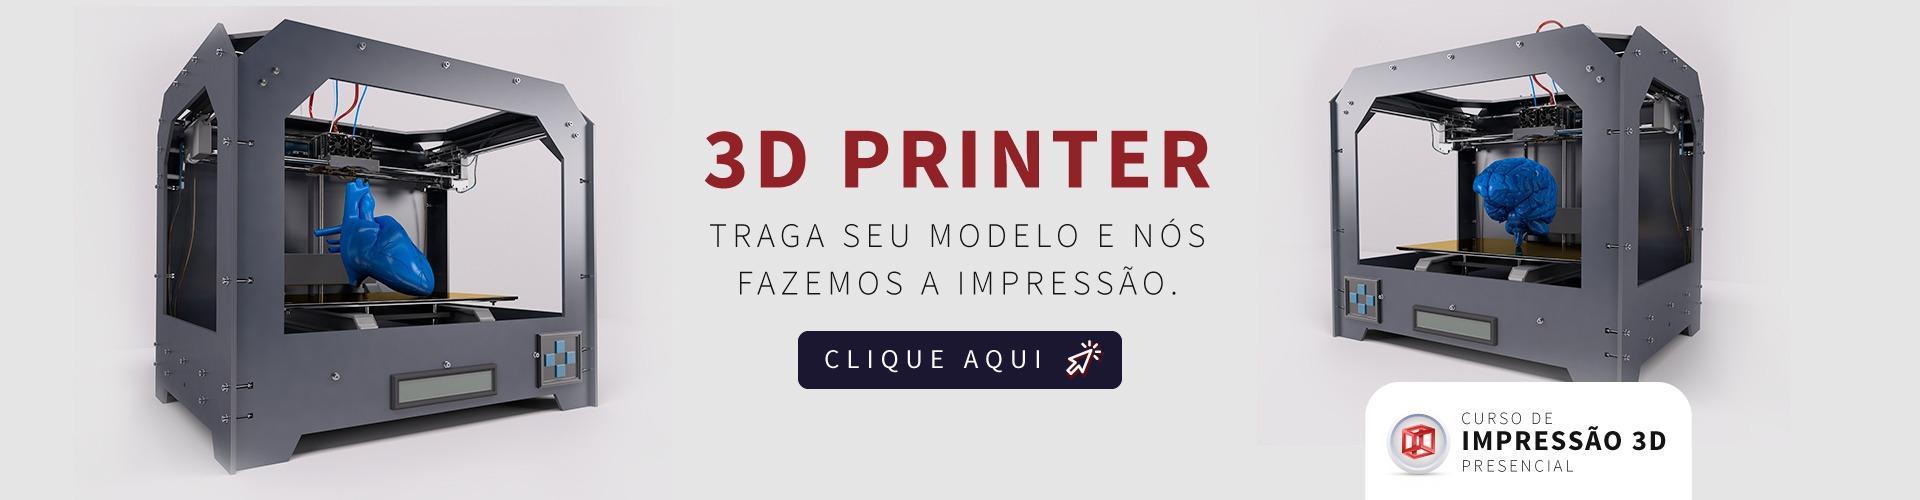 impressão 3D - traga seu molde e nós fazemos a Impressão.